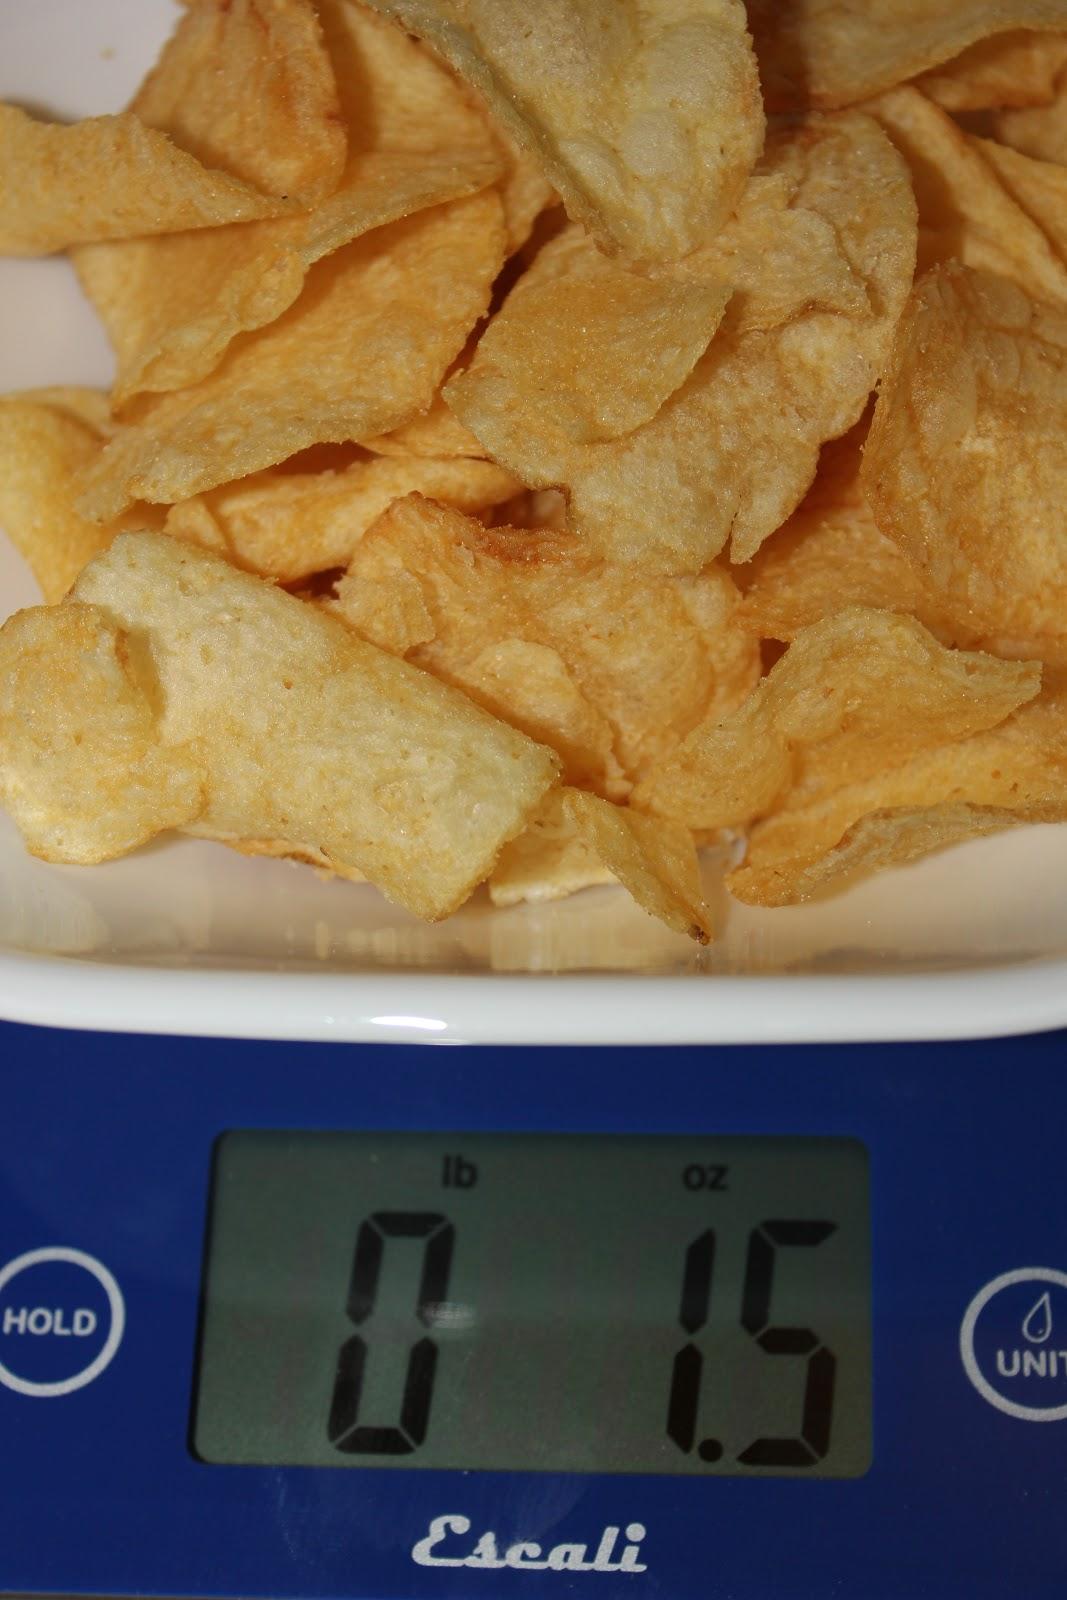 Fat burning sweet potato muffins image 5